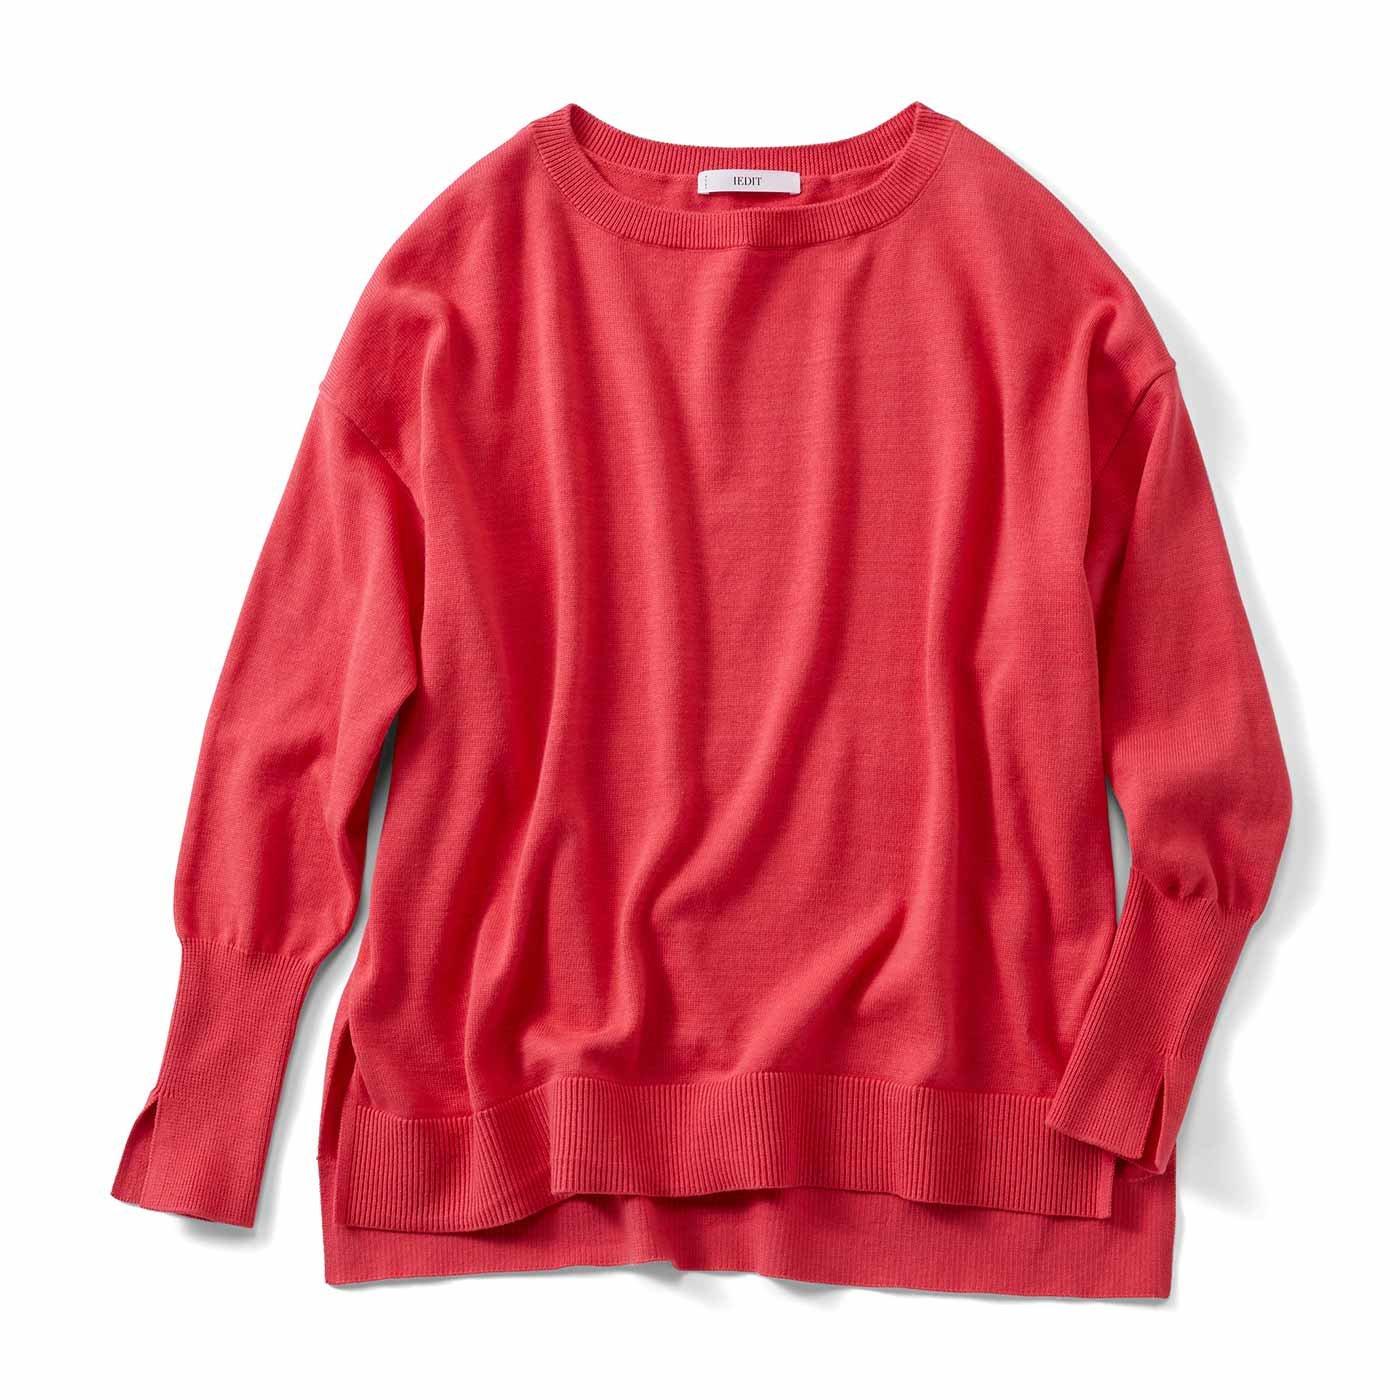 IEDIT[イディット] ゆるっと着られて華奢見えする コットンシルク素材ニット〈オレンジレッド〉